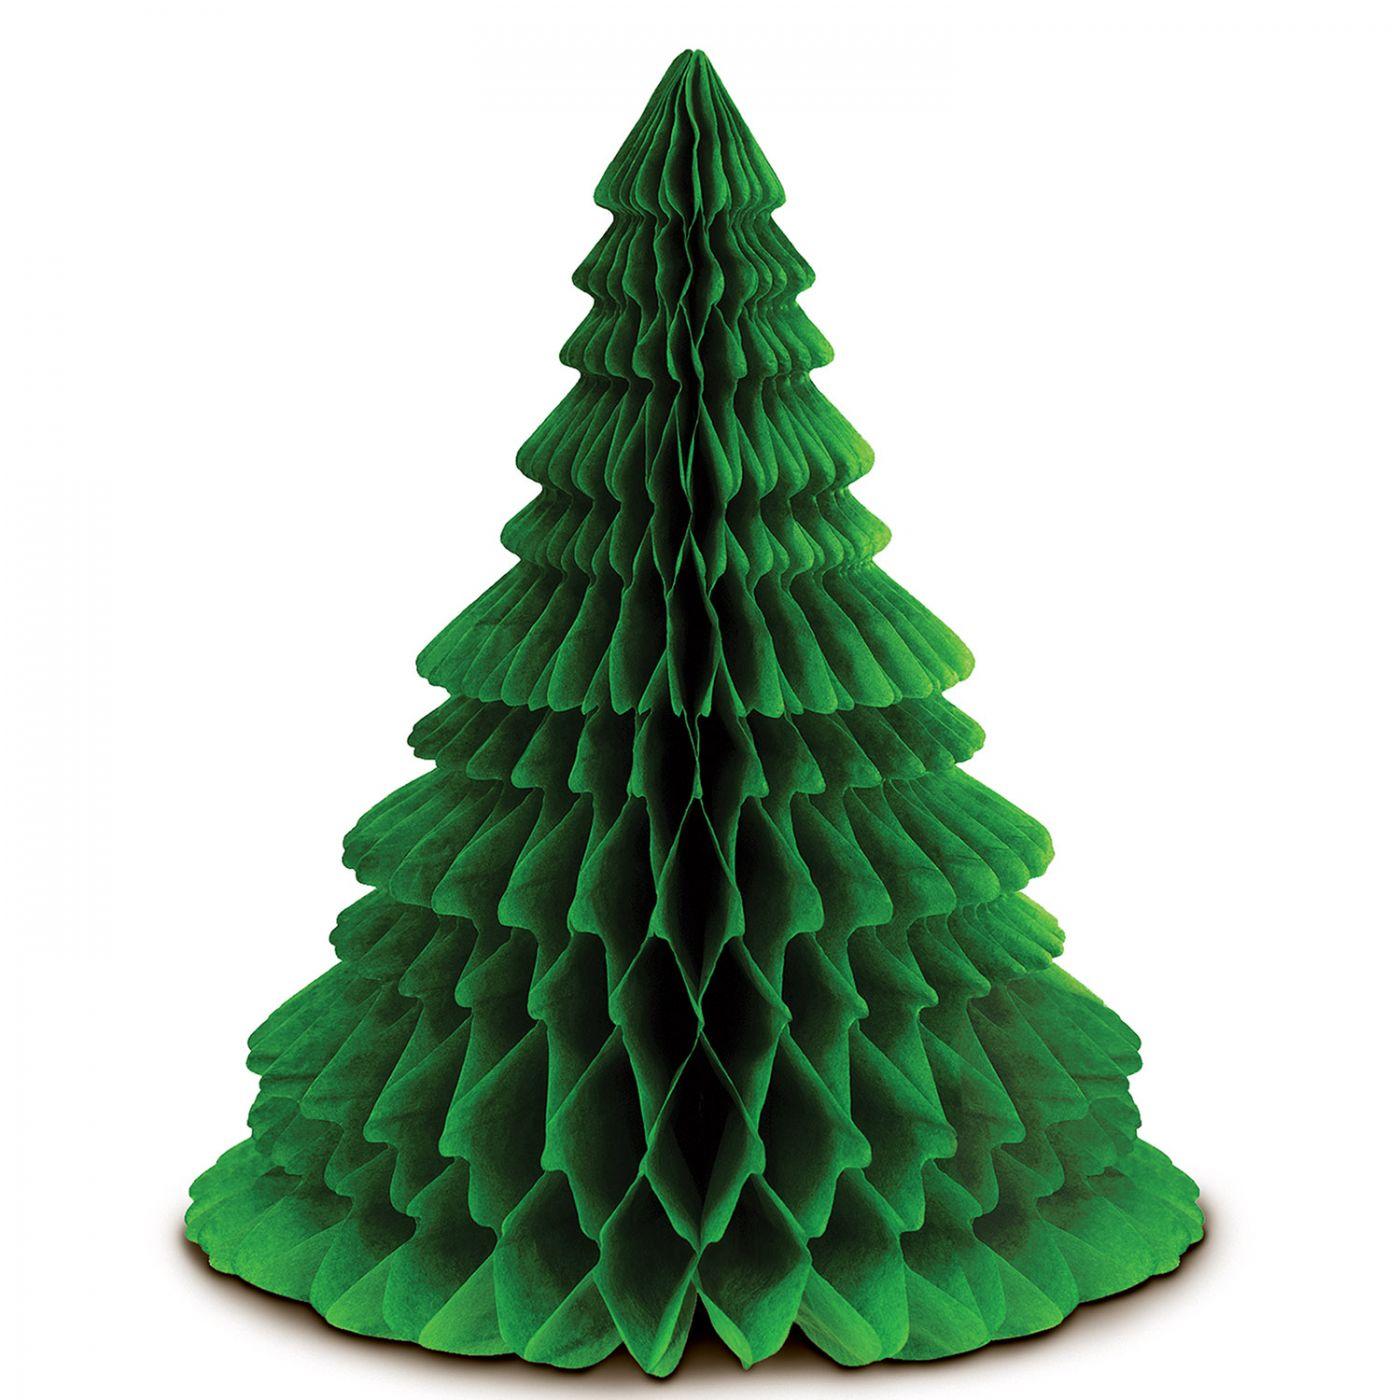 Christmas Tree Centerpiece image